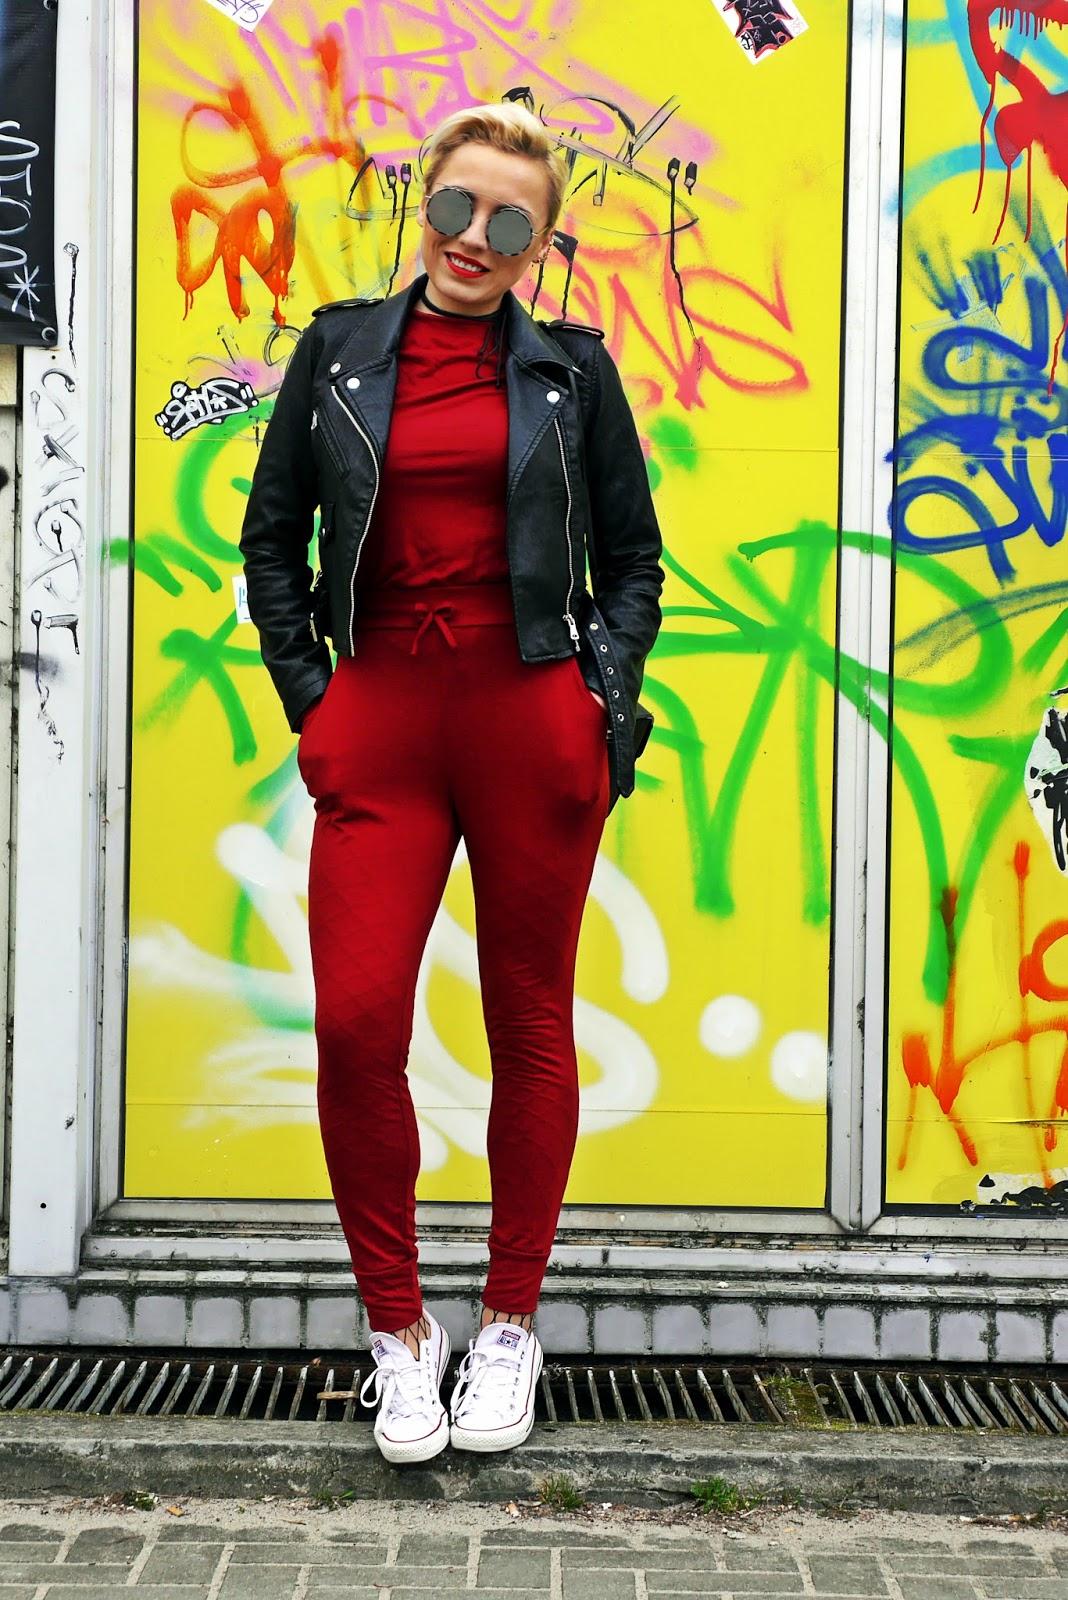 burgundy_jampsuit_black_biker_jacket_ootd_look_karyn_blog_280317d